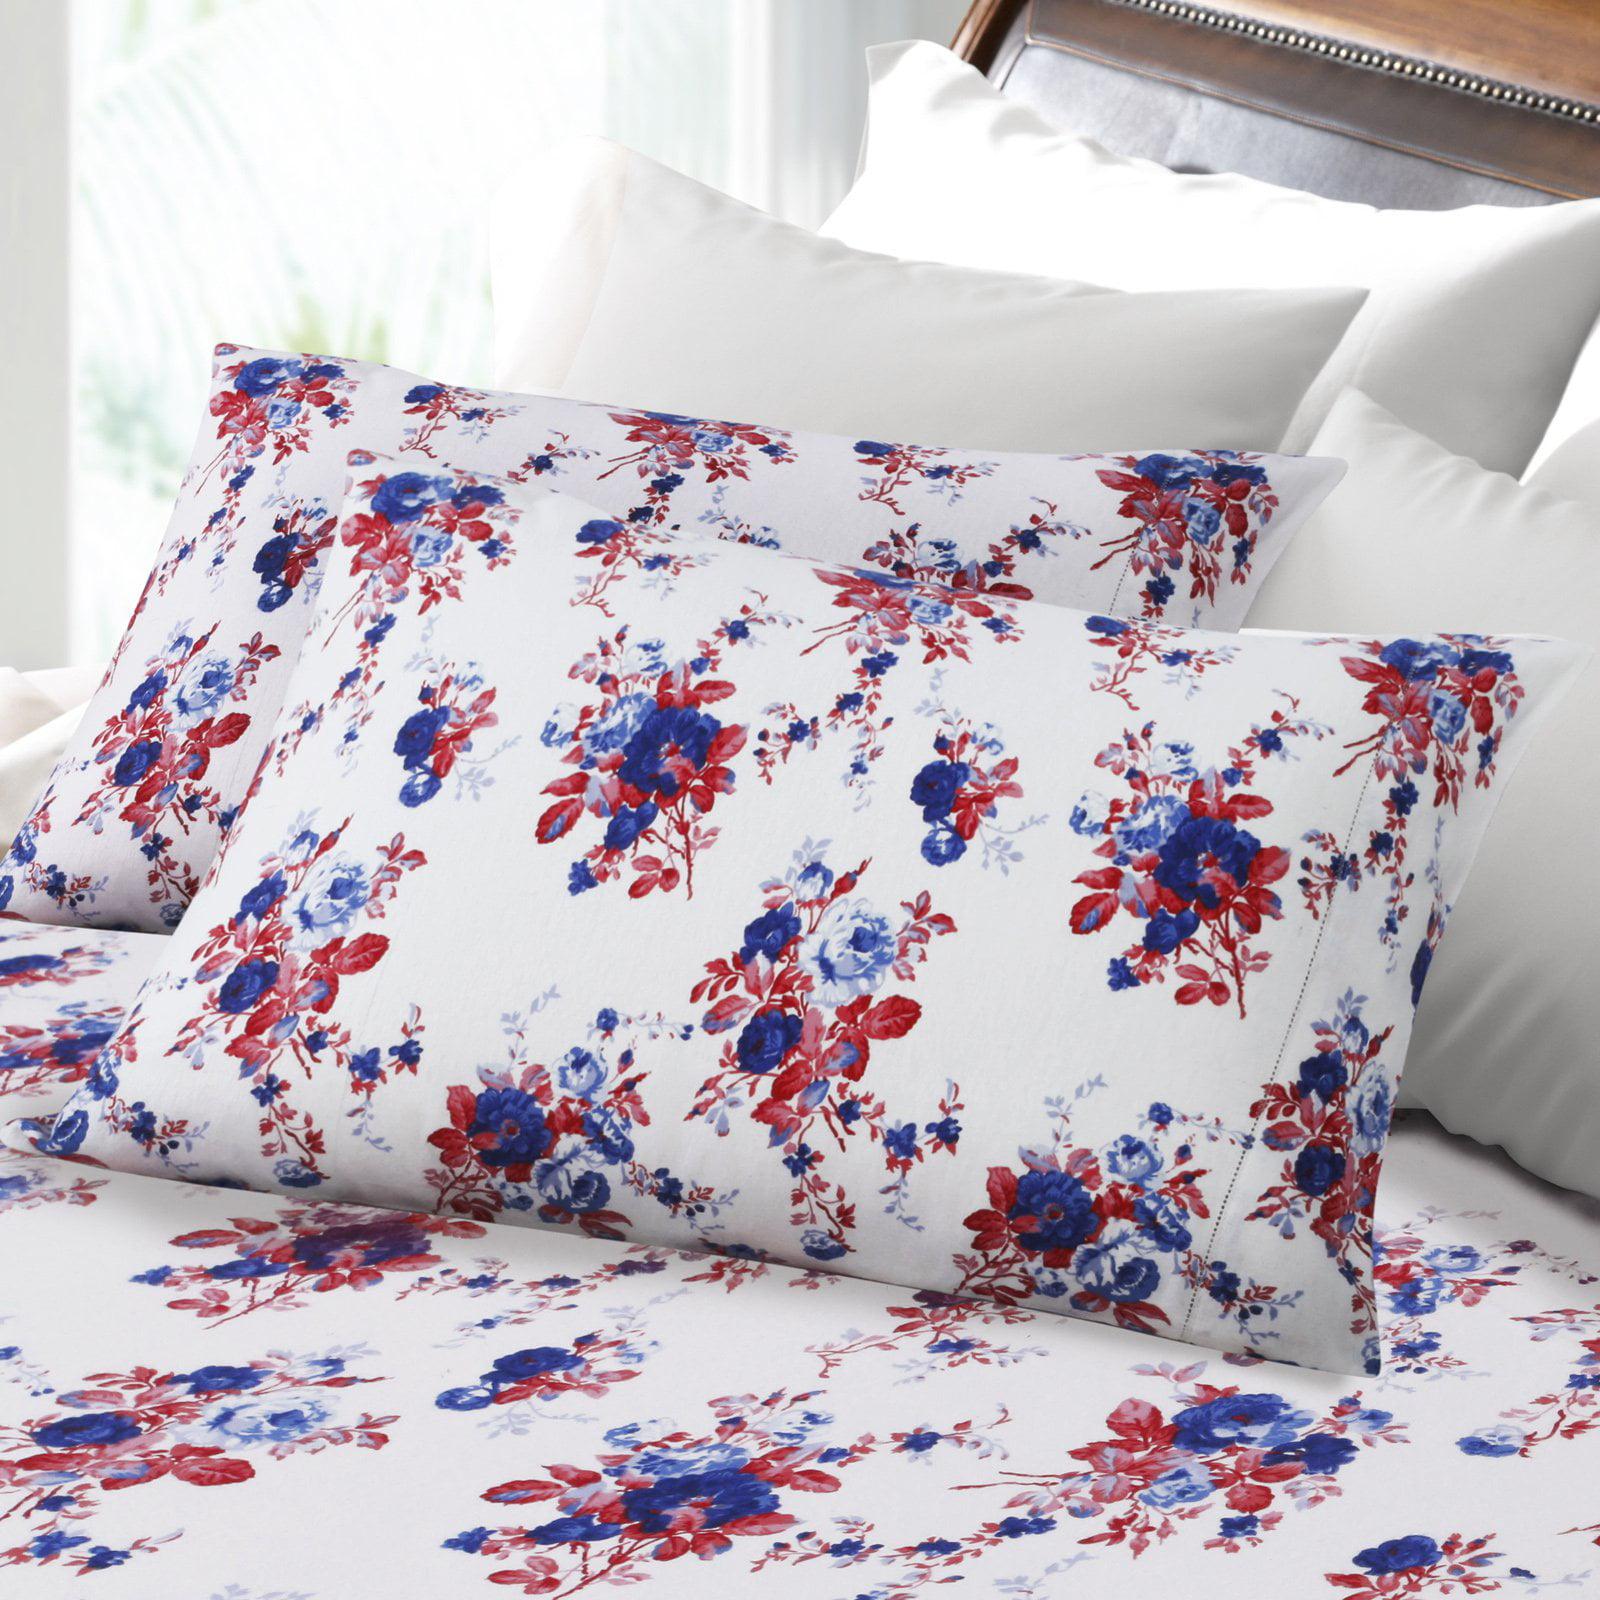 Rose Garden Printed Deep Pocket Flannel Sheet Set